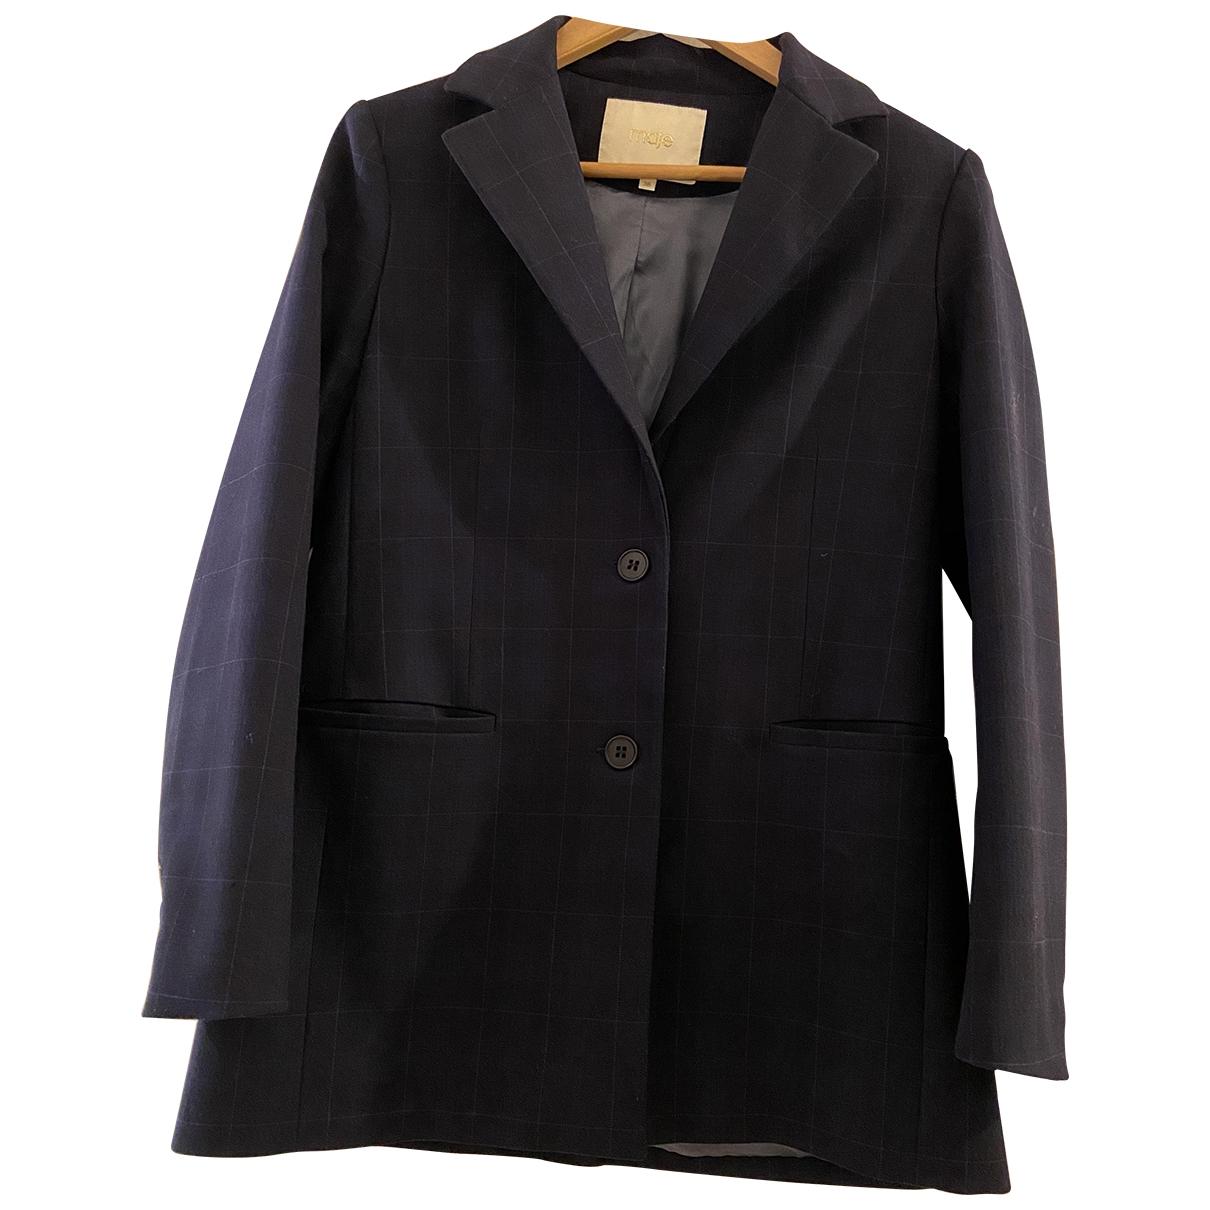 Maje Spring Summer 2019 Navy jacket for Women 38 FR